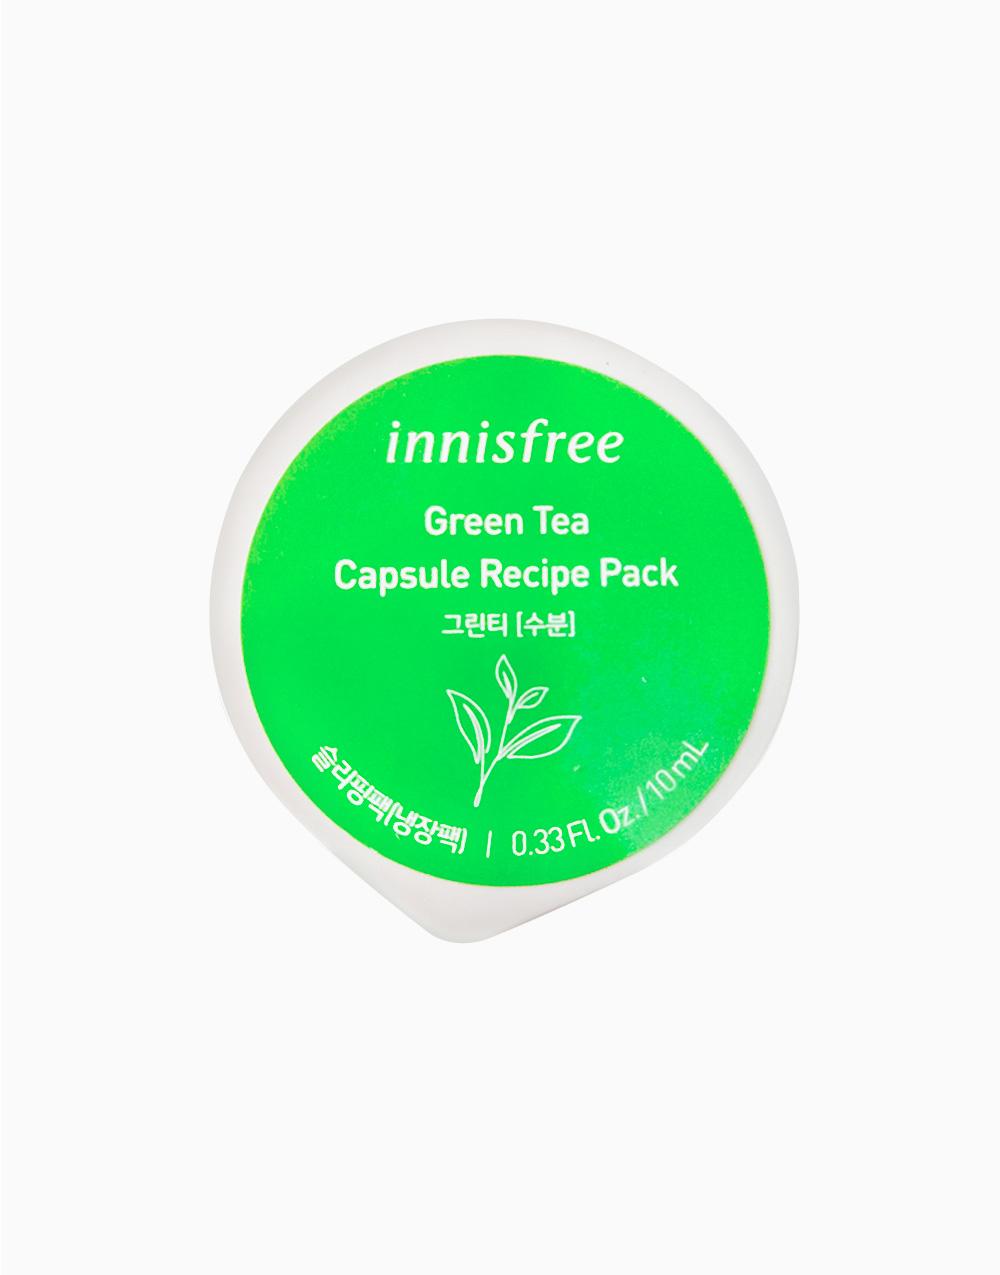 Green Tea Capsule Recipe Pack by Innisfree